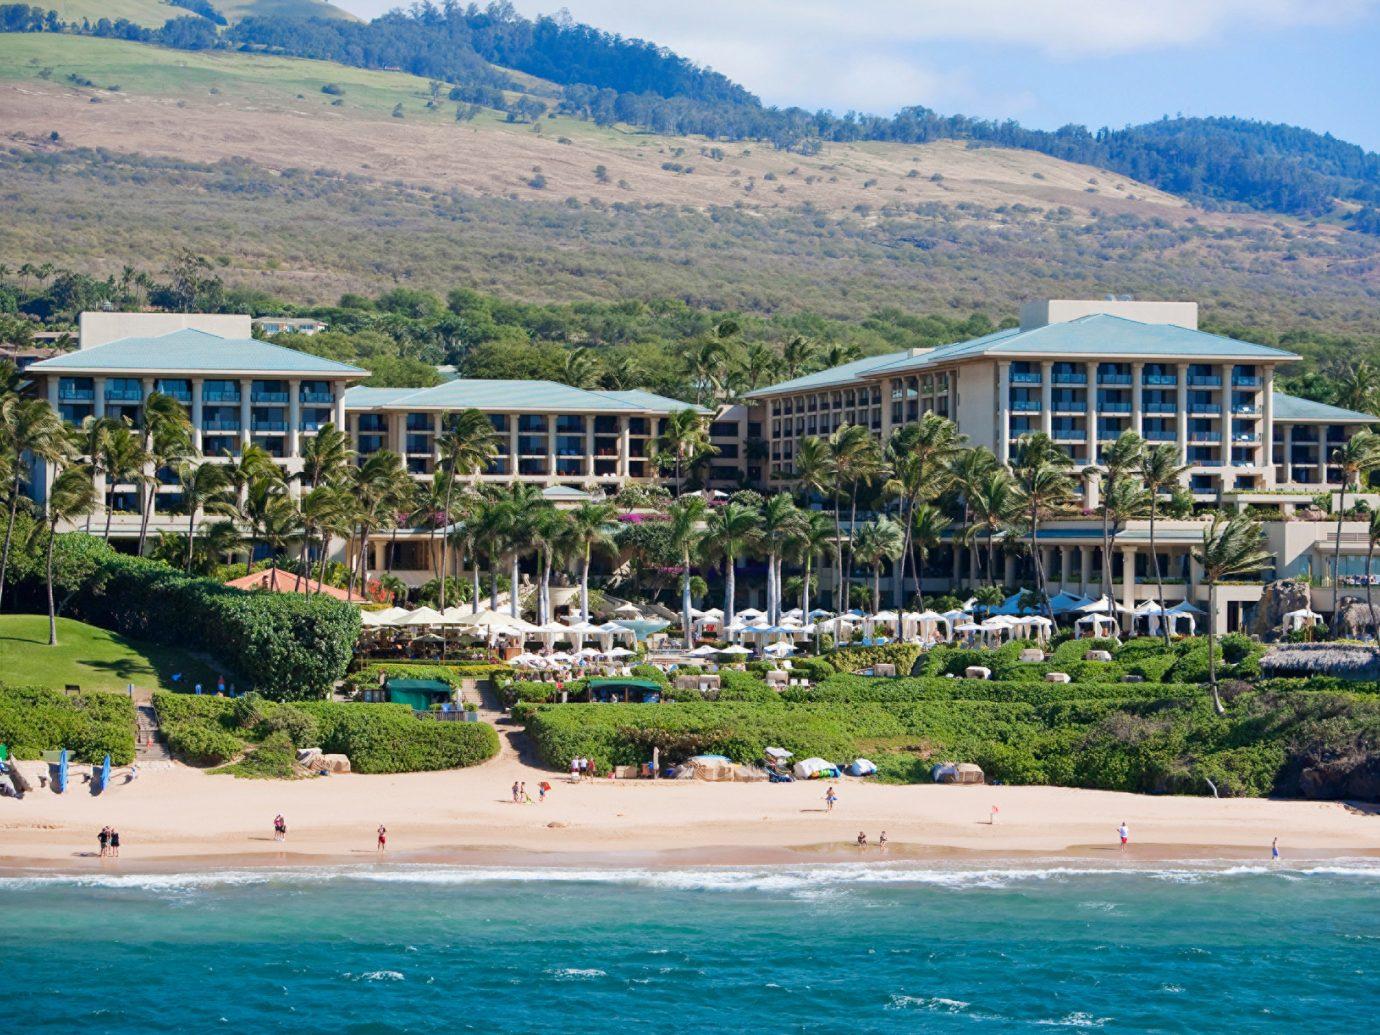 Exterior of Four Seasons Maui